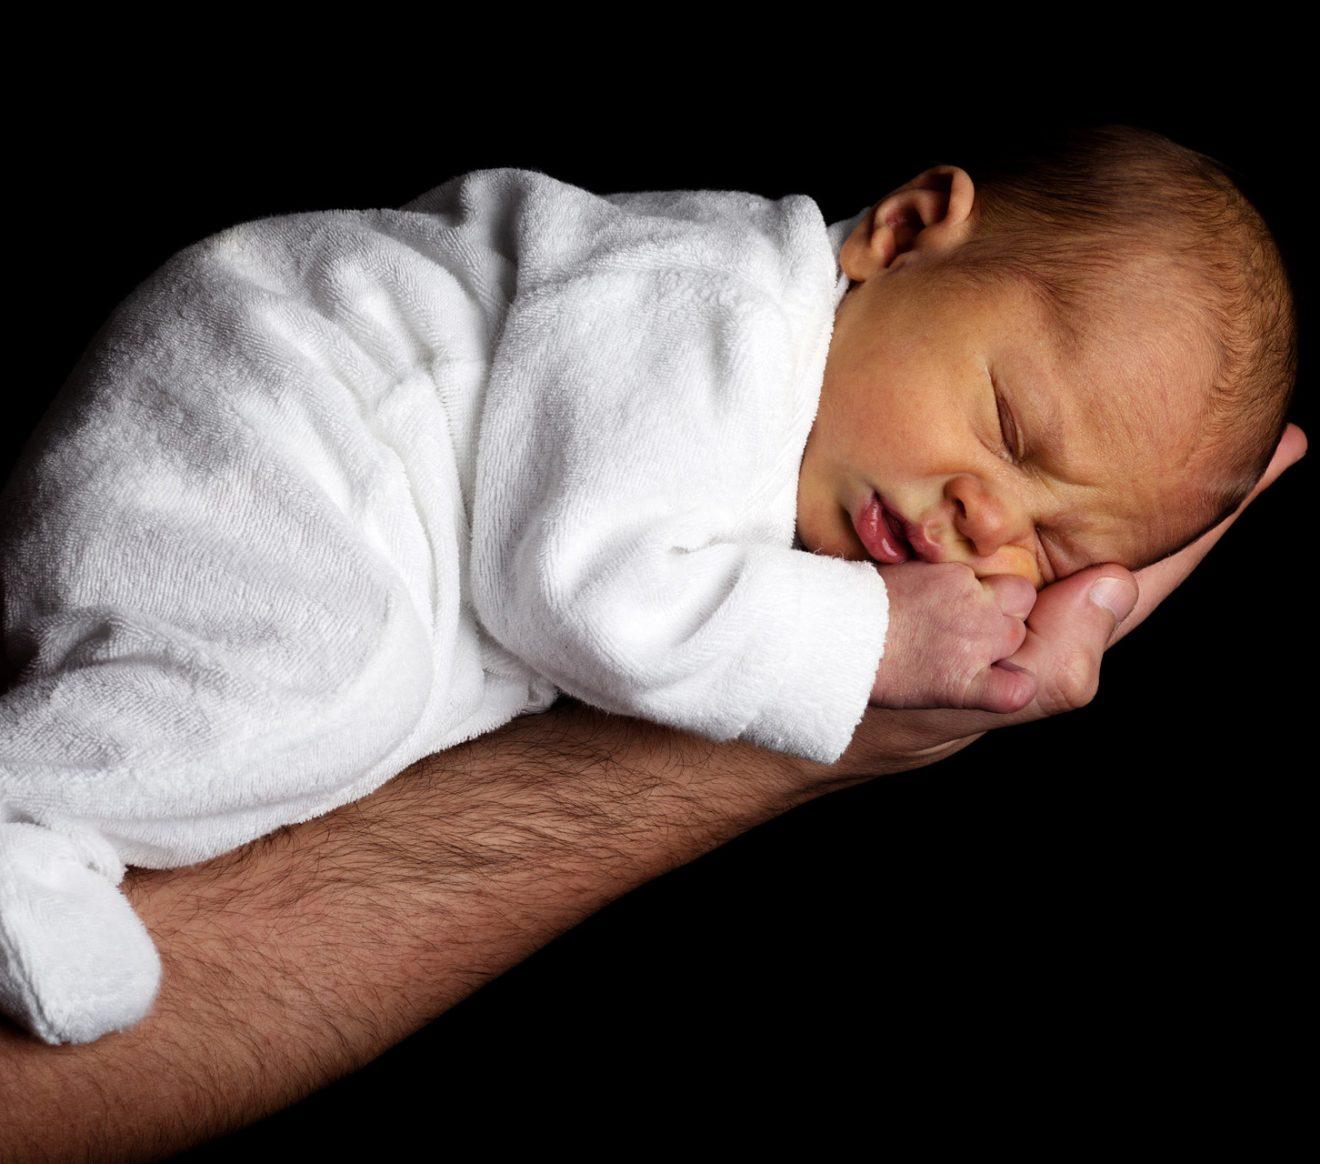 El contexto ambiental puede afectar a la expresión genética en los niños concebidos mediante técnicas de reproducción asistida